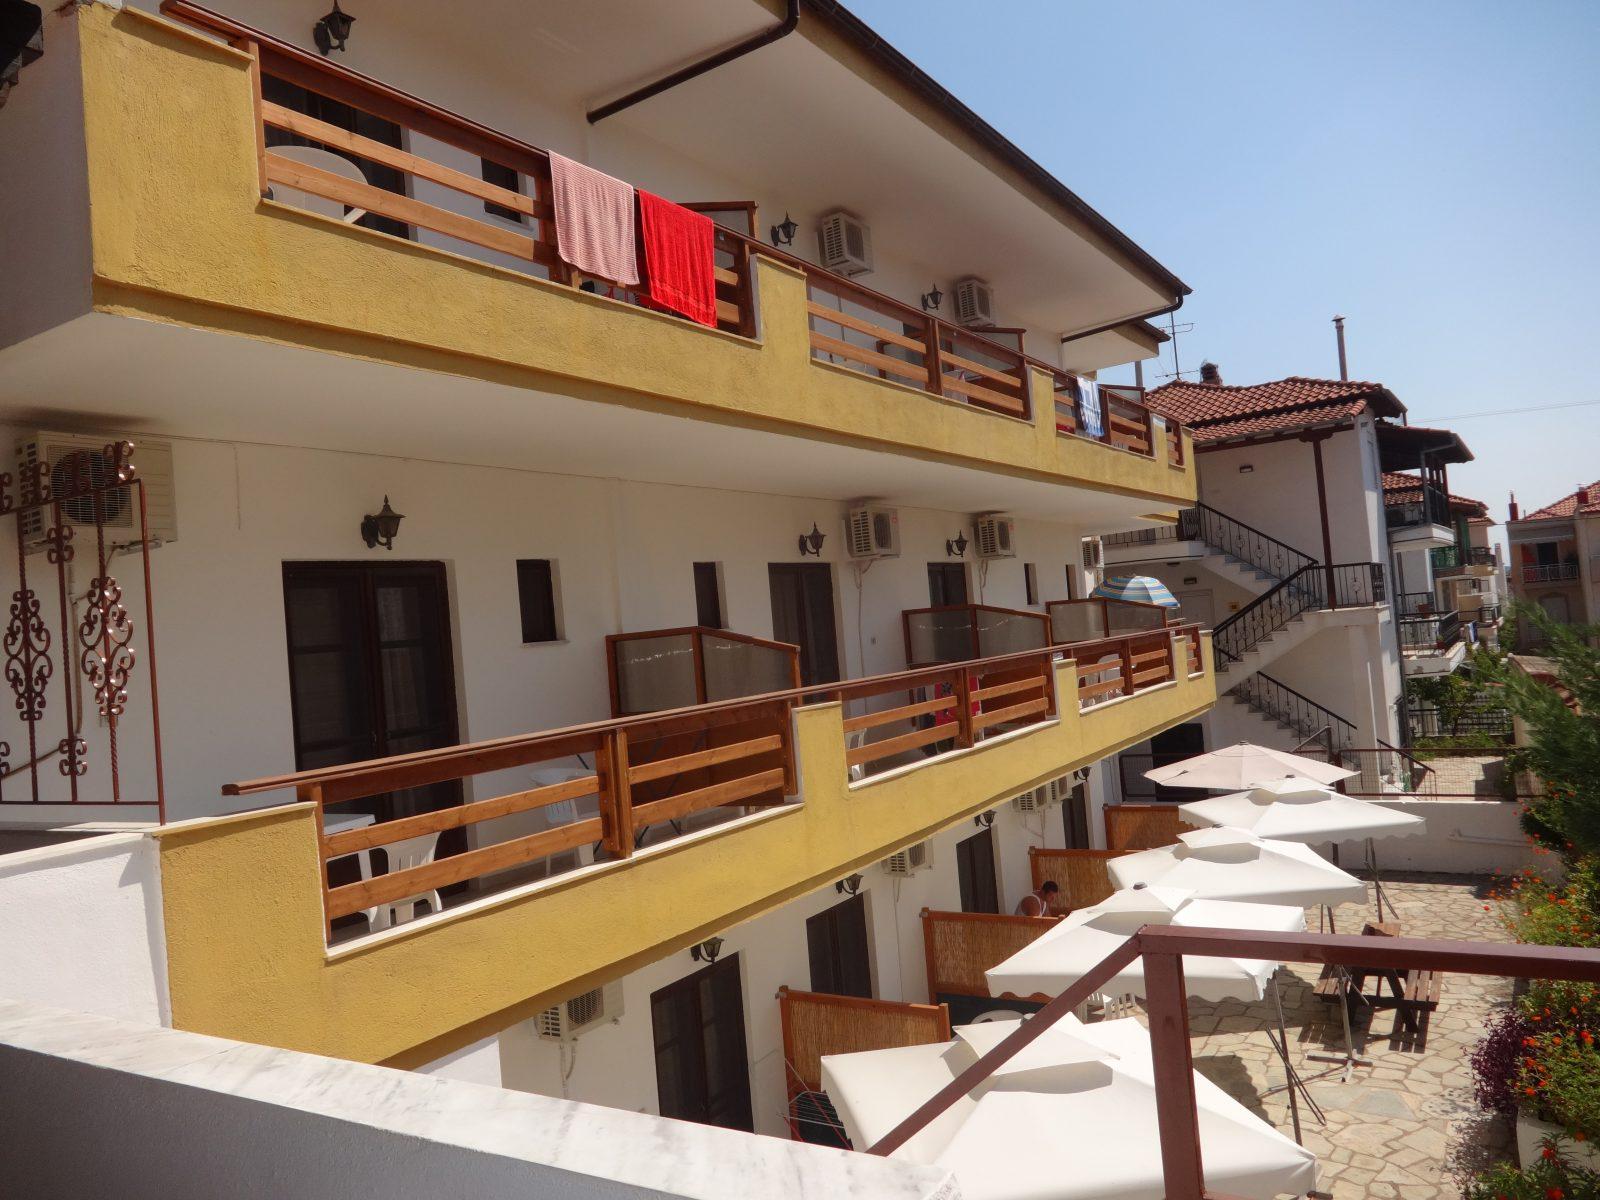 Grcka apartmani letovanje, Nea Flogita Halkidiki, Pirgioti, pogled sa terase